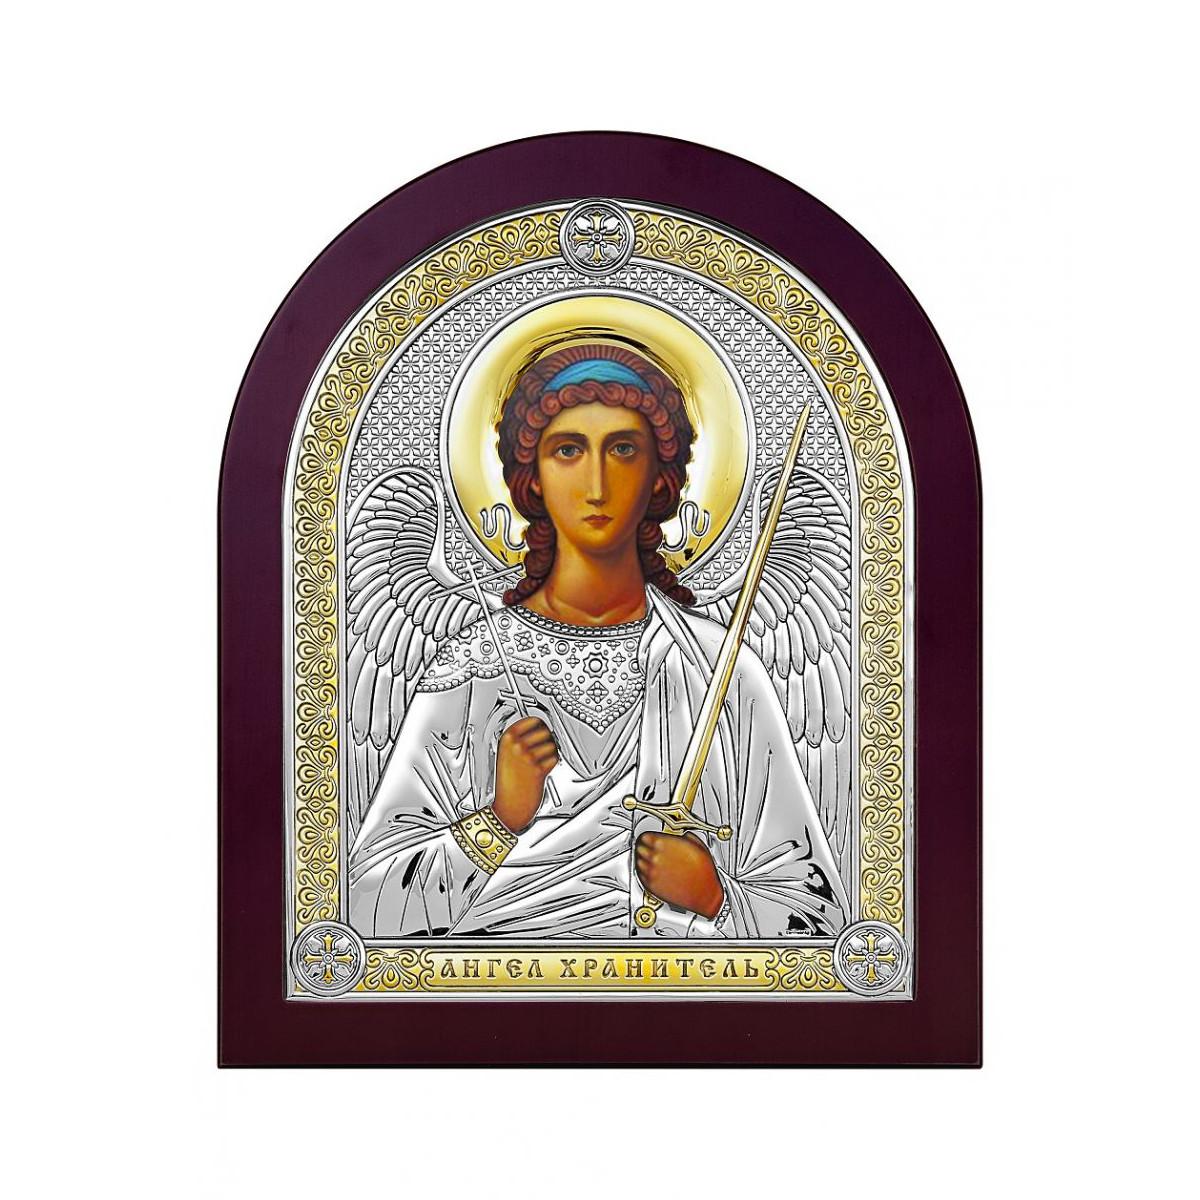 Икона Ангел Хранитель арт. 6407/1OW 6407/1OW